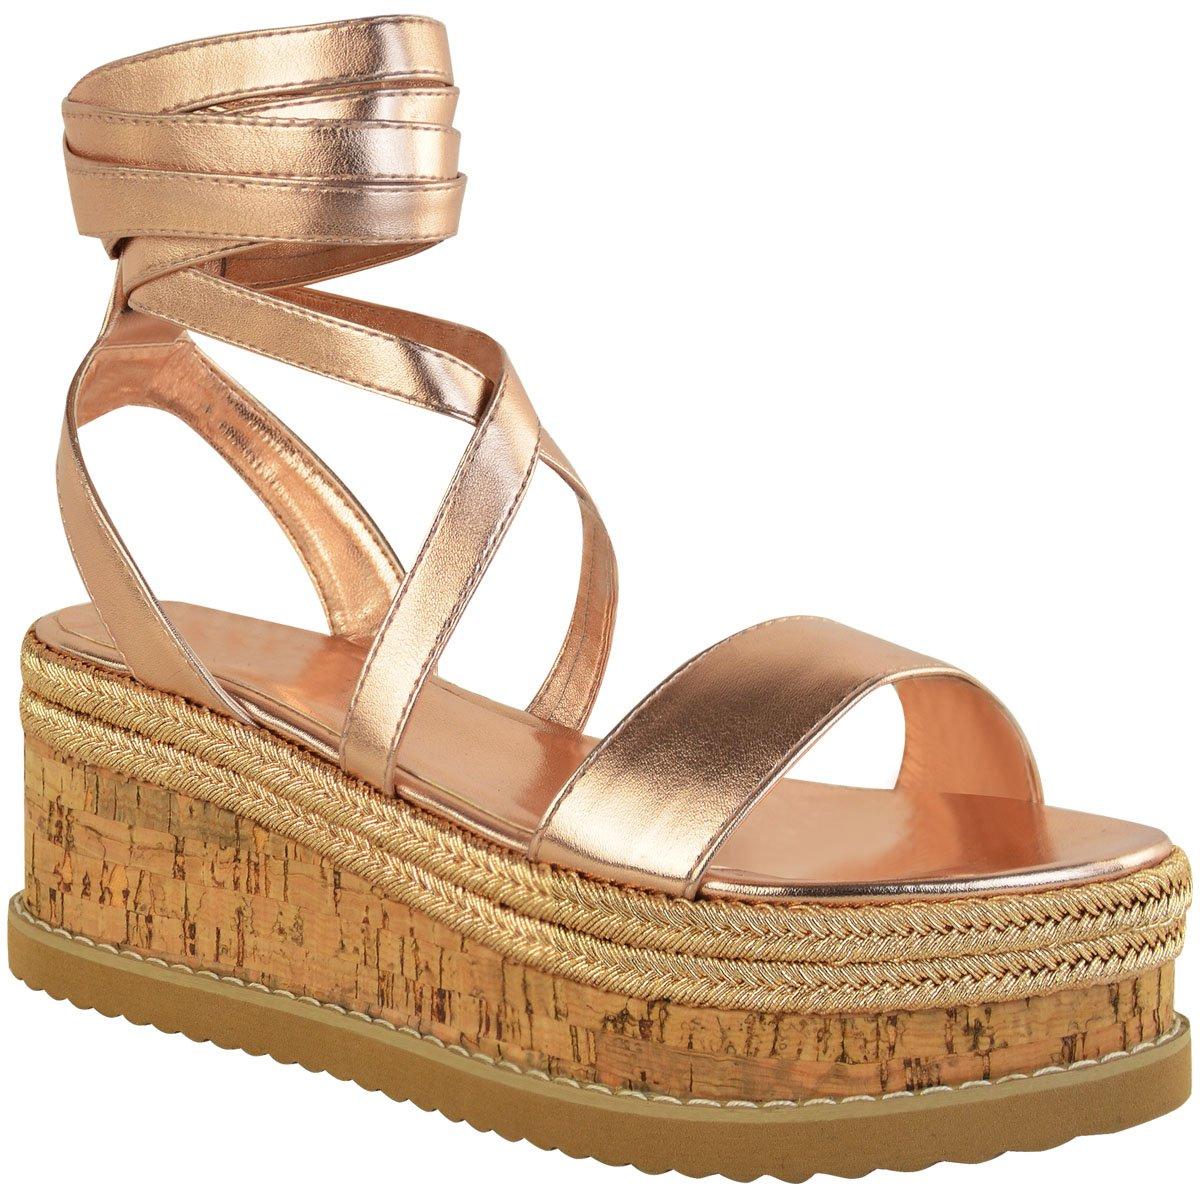 Kork-Plateausohle Fashion Thirsty Damen Espadrille-Sandalen mit Keilabsatz /& Schn/ürung